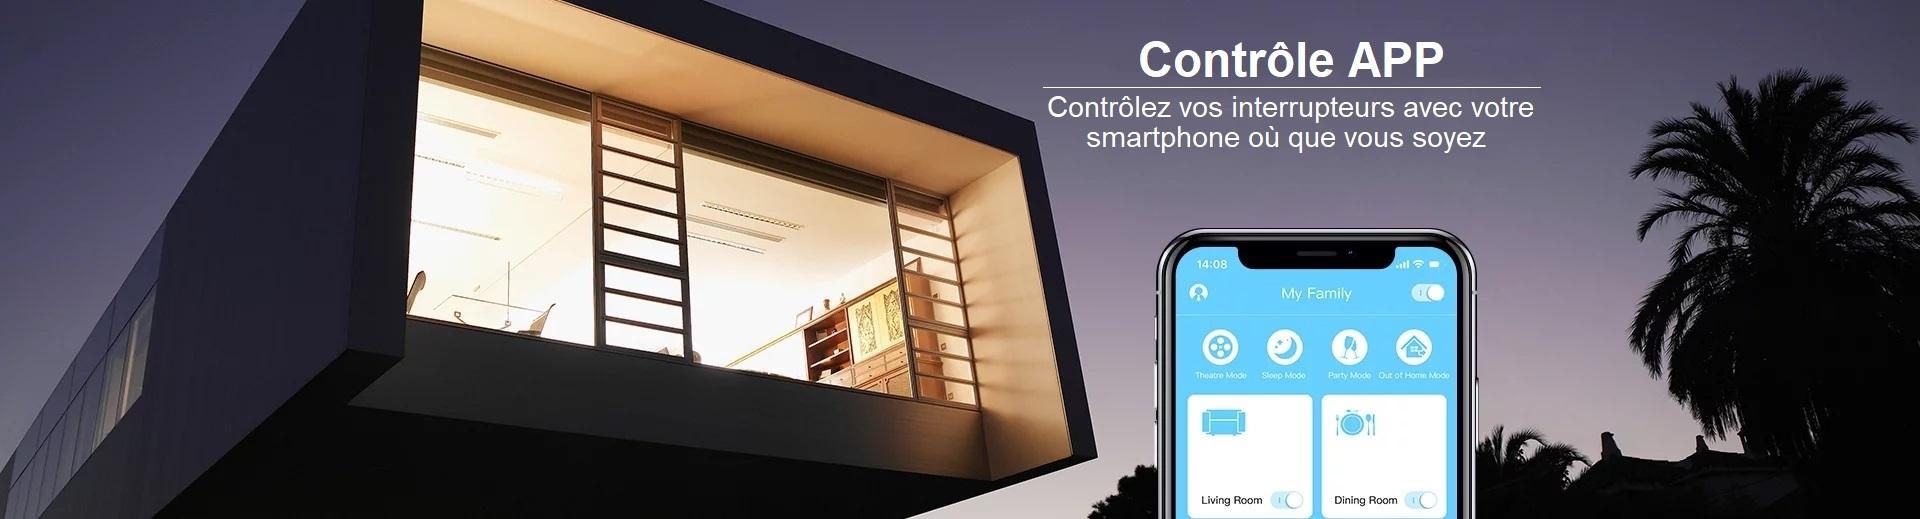 LIVOLO | Contrôlez vos interrupteurs avec votre smartphone où que vous soyez